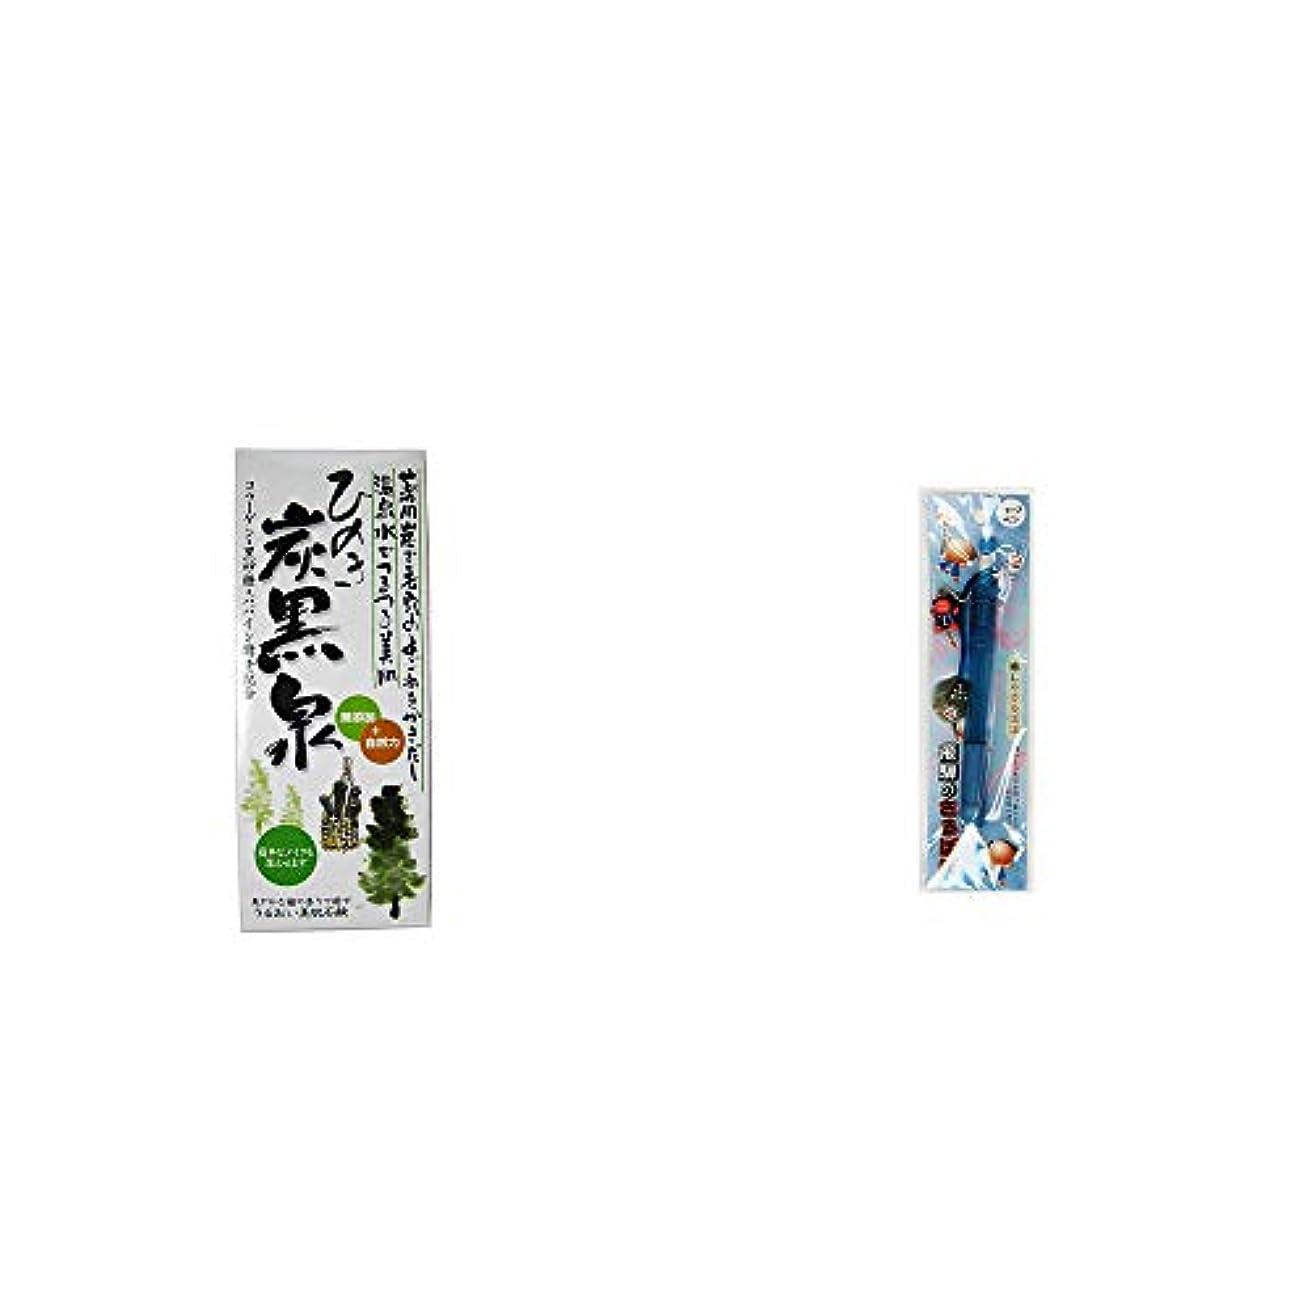 切断する扱いやすいすり減る[2点セット] ひのき炭黒泉 箱入り(75g×3)?さるぼぼ 癒しシャープペン 【ブルー】